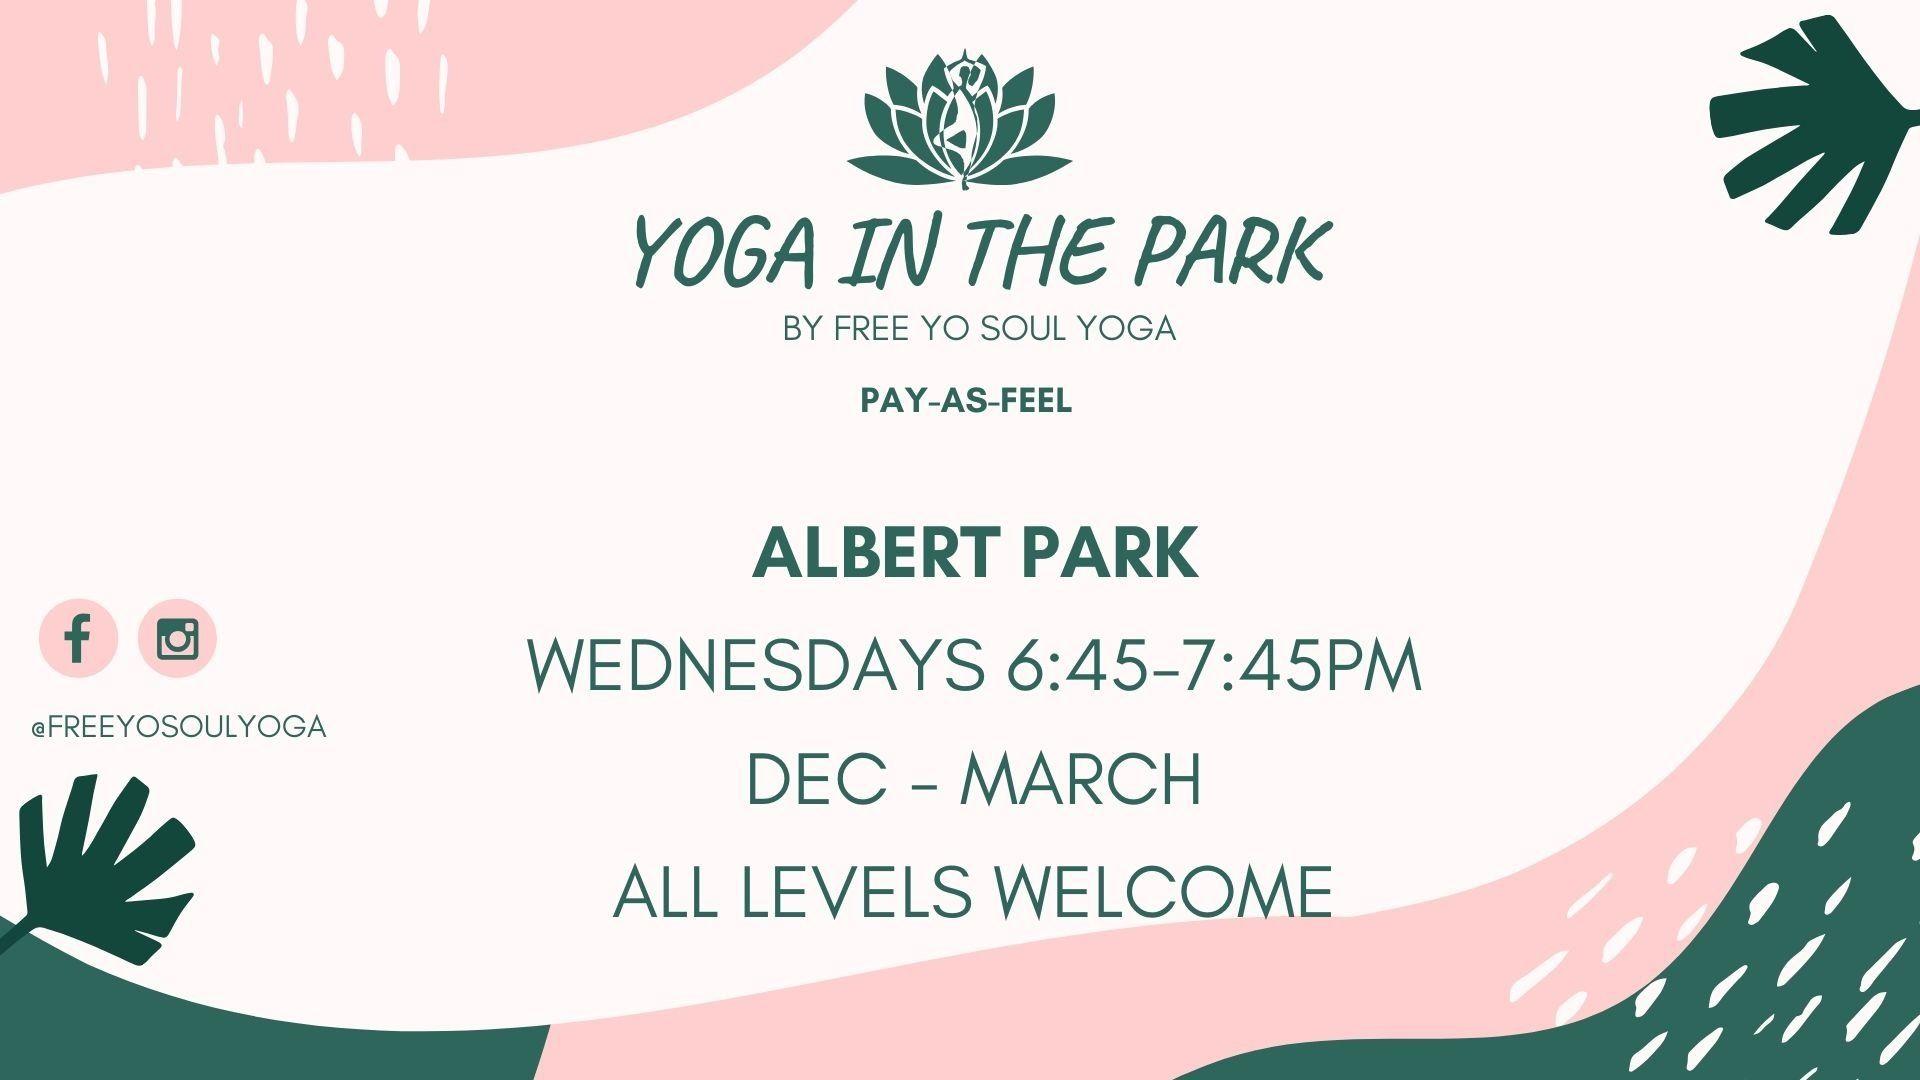 YOGA in Albert Park *Donation Based*